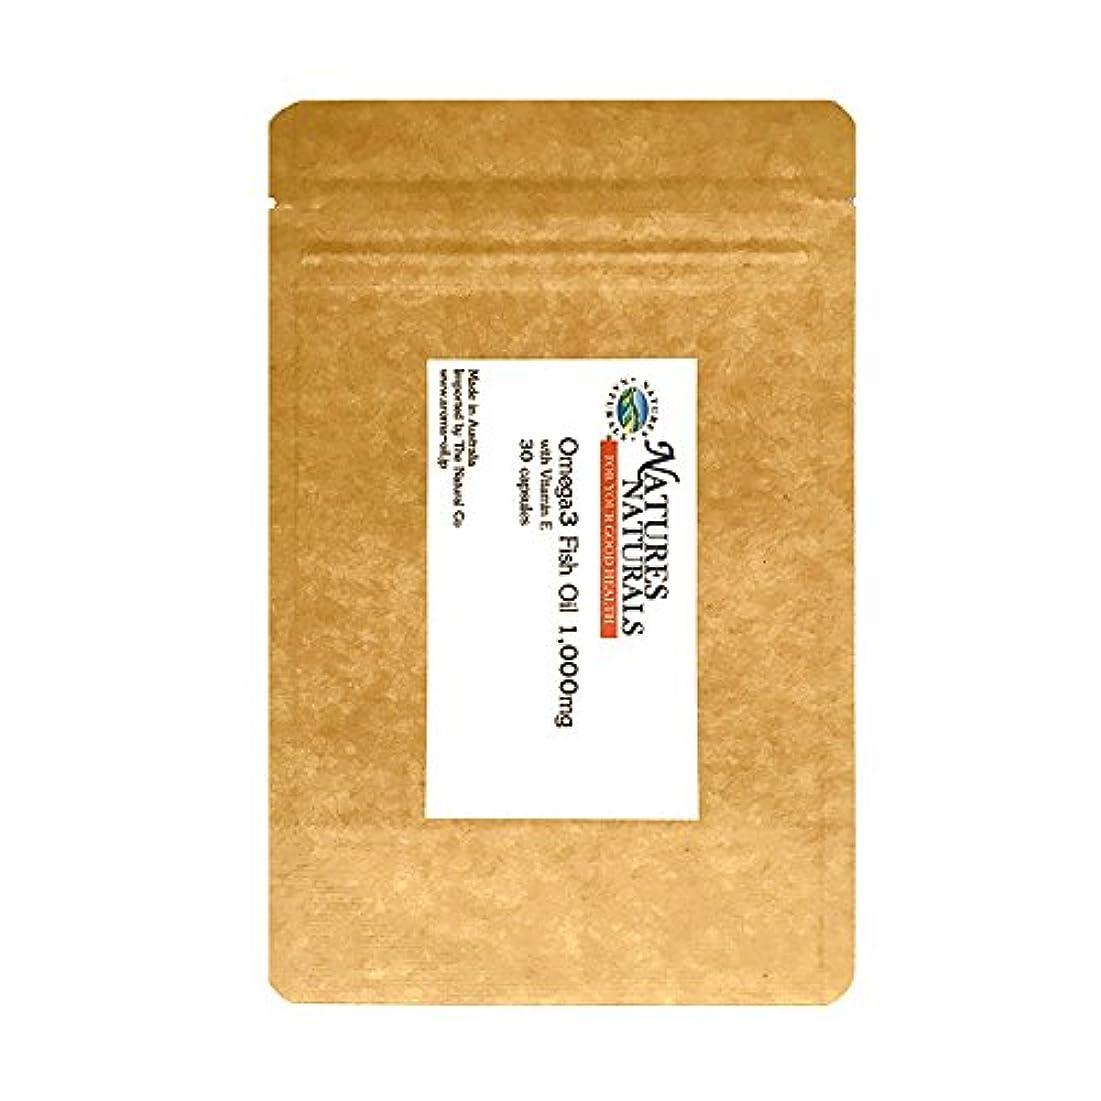 うれしい困惑した仮称オメガ3 ビタミンE配合/DHA EPA 1,000mg オーストラリア産サプリメント/30錠 約1ヶ月分